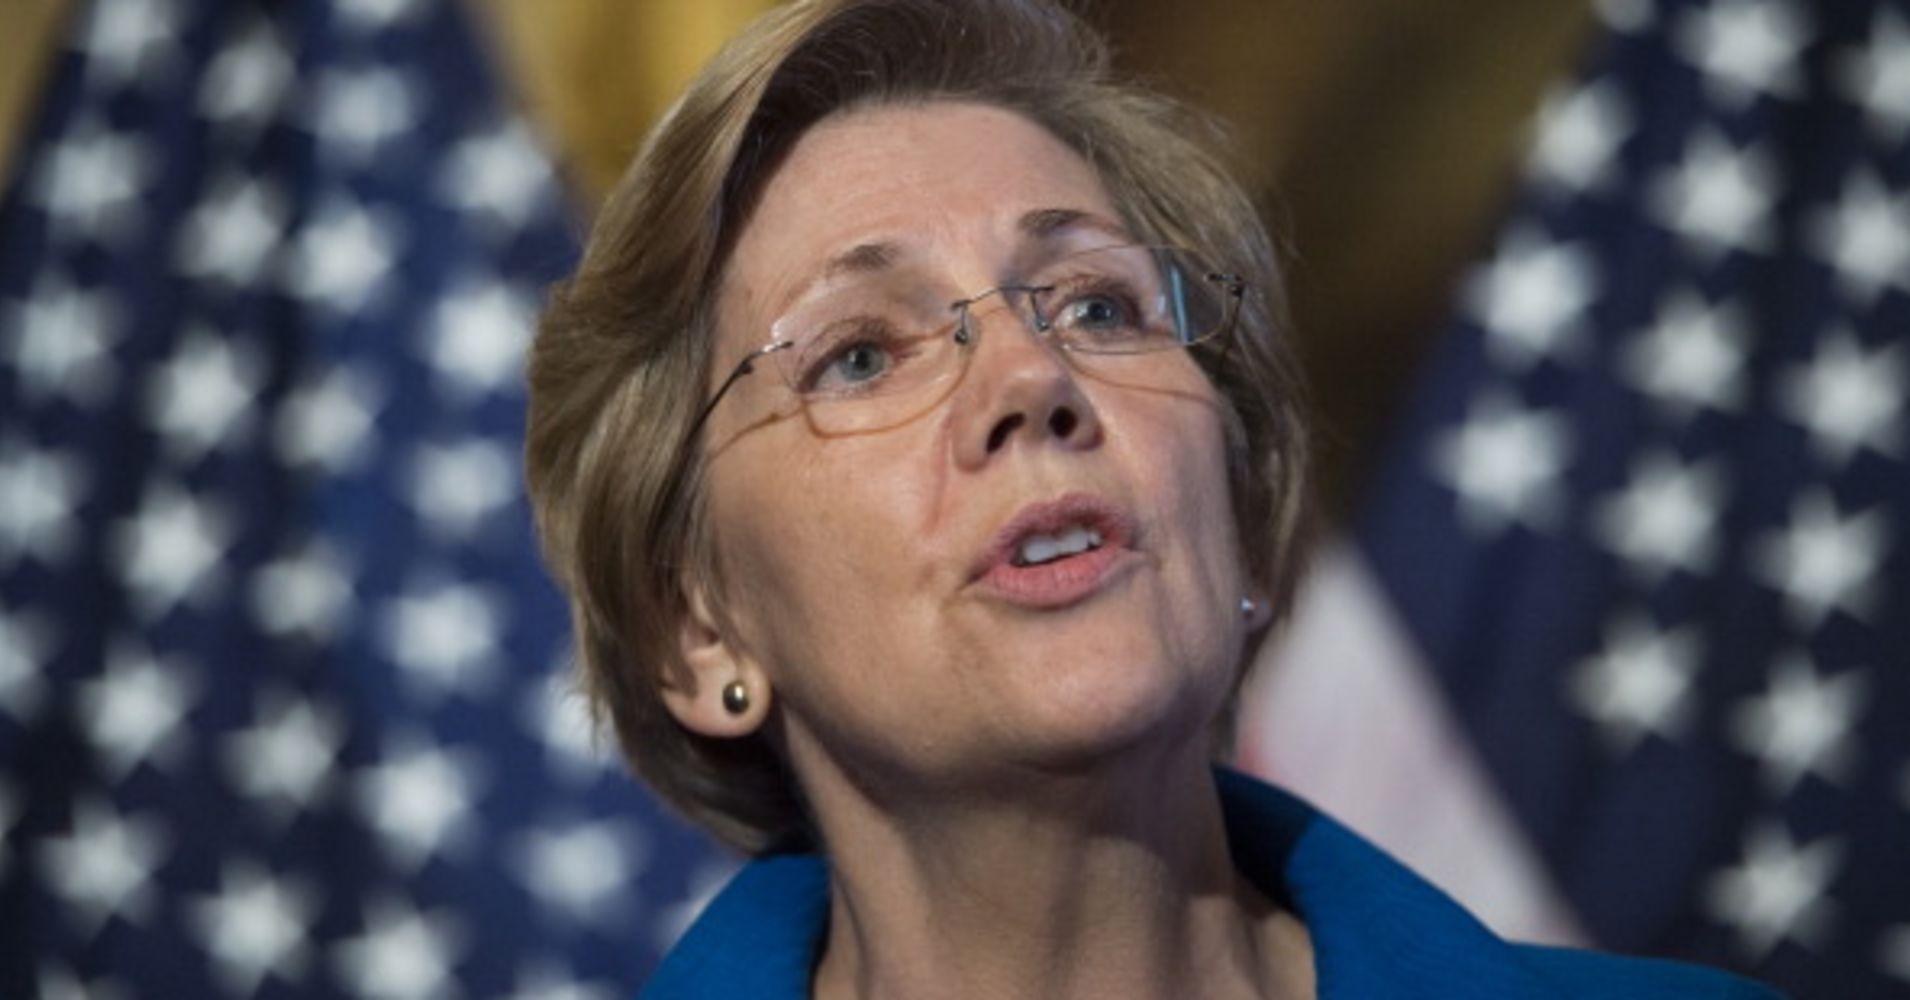 3 big tax planning takeaways from Sen. Elizabeth Warren's 2018 return